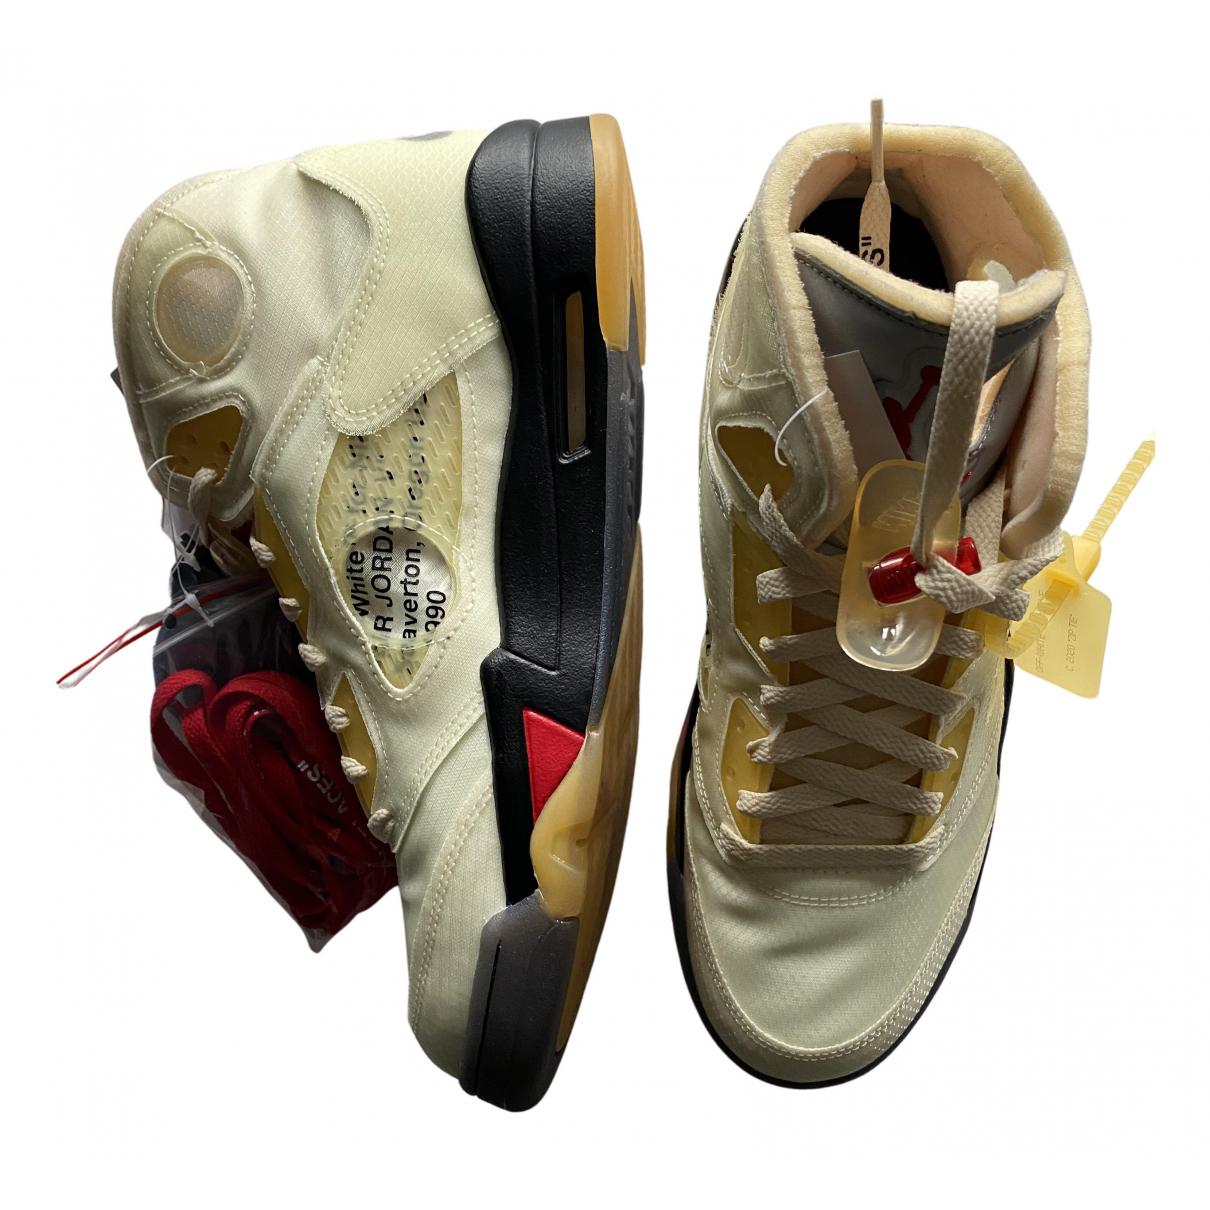 Deportivas Jordan 5 de Cuero Nike X Off-white